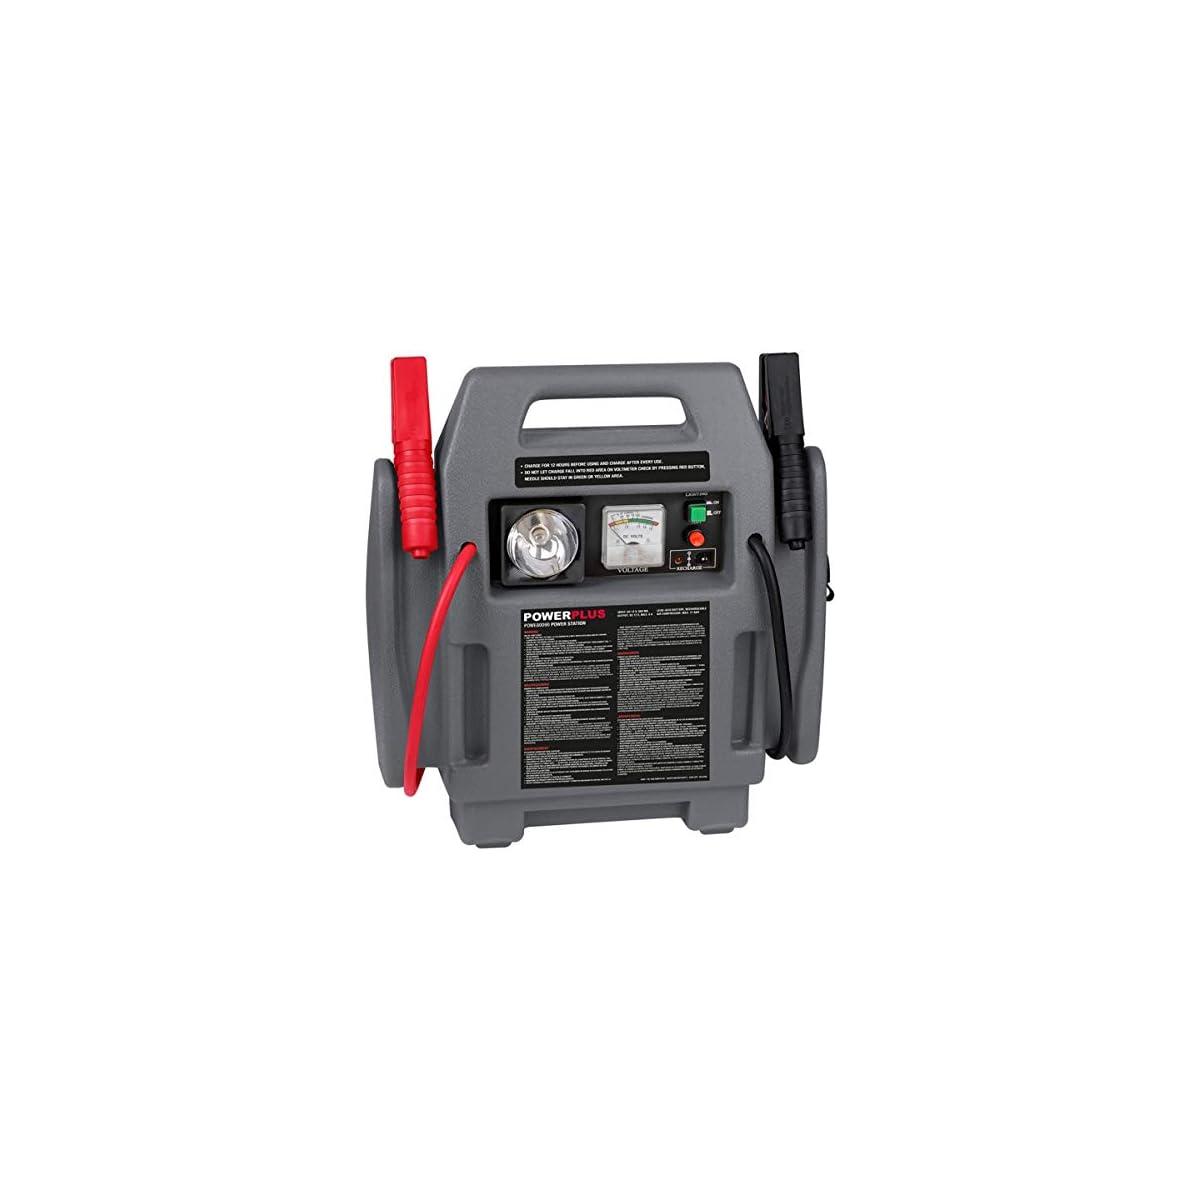 51fuL60BBdL. SS1200  - PowerPlus POWE80090 - Arrancador 4-En-1